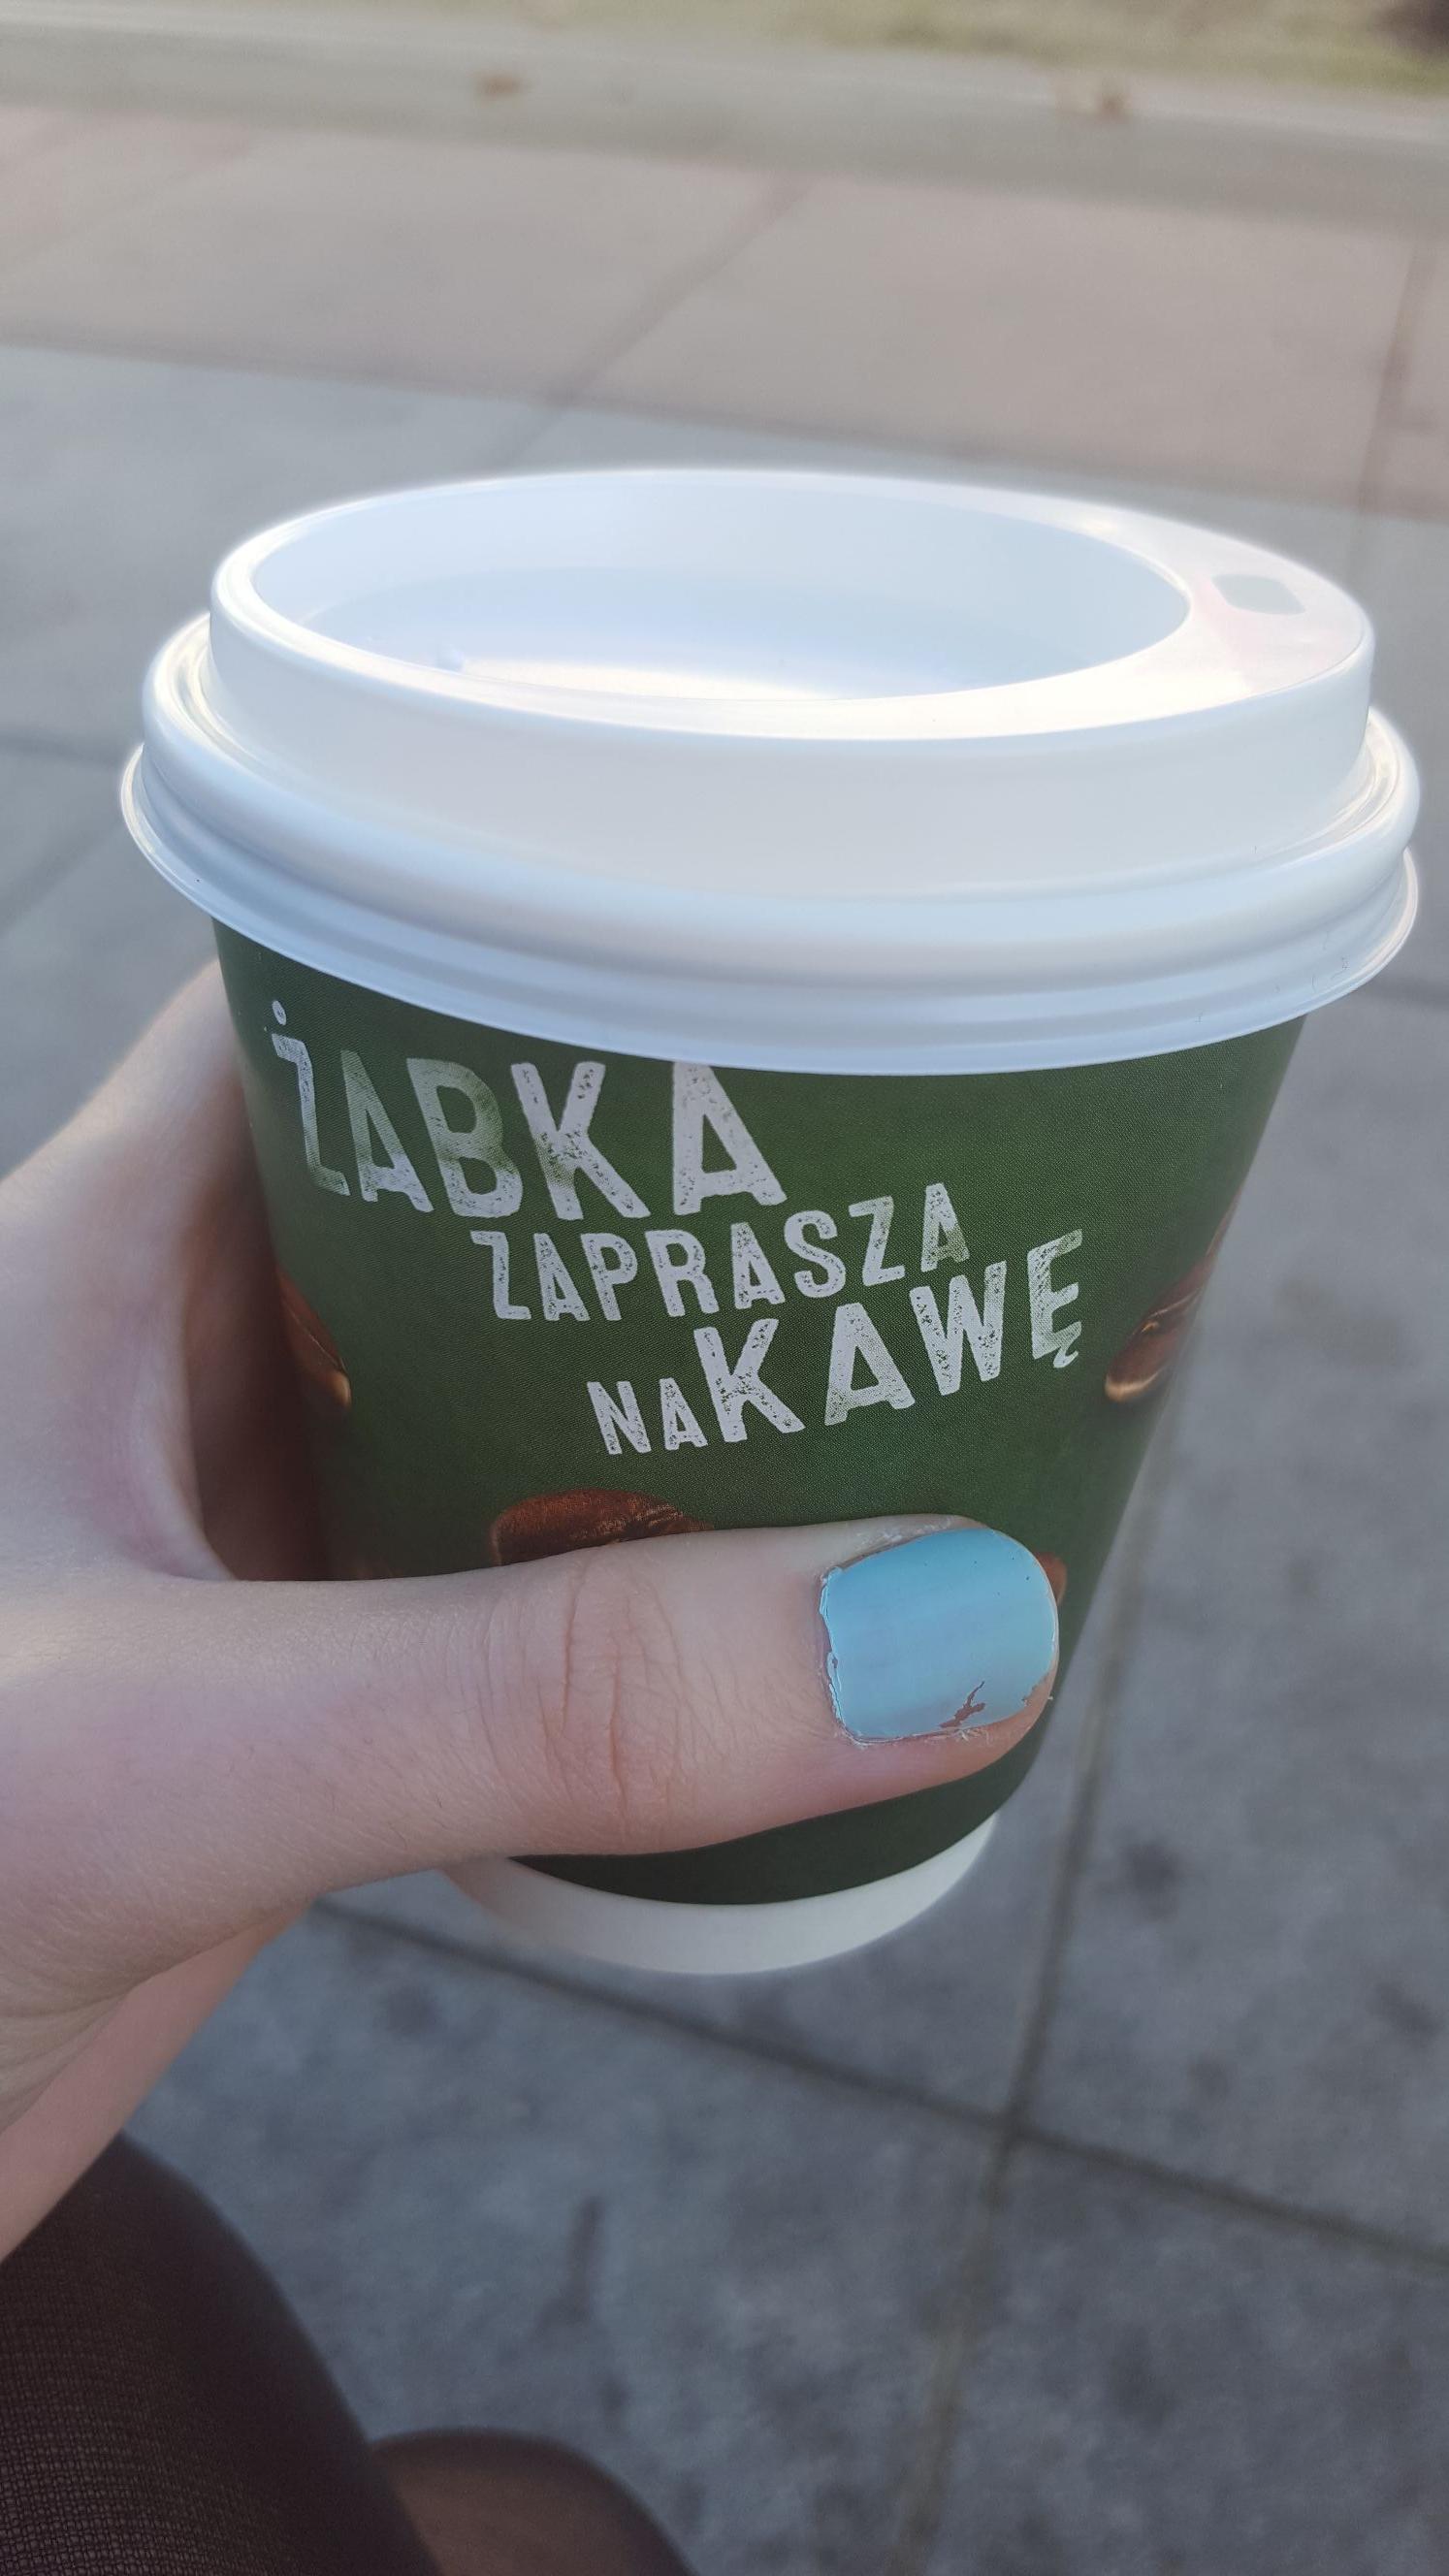 Darmowa kawa w Żabce, Katowice Chorzowska/Sokolska